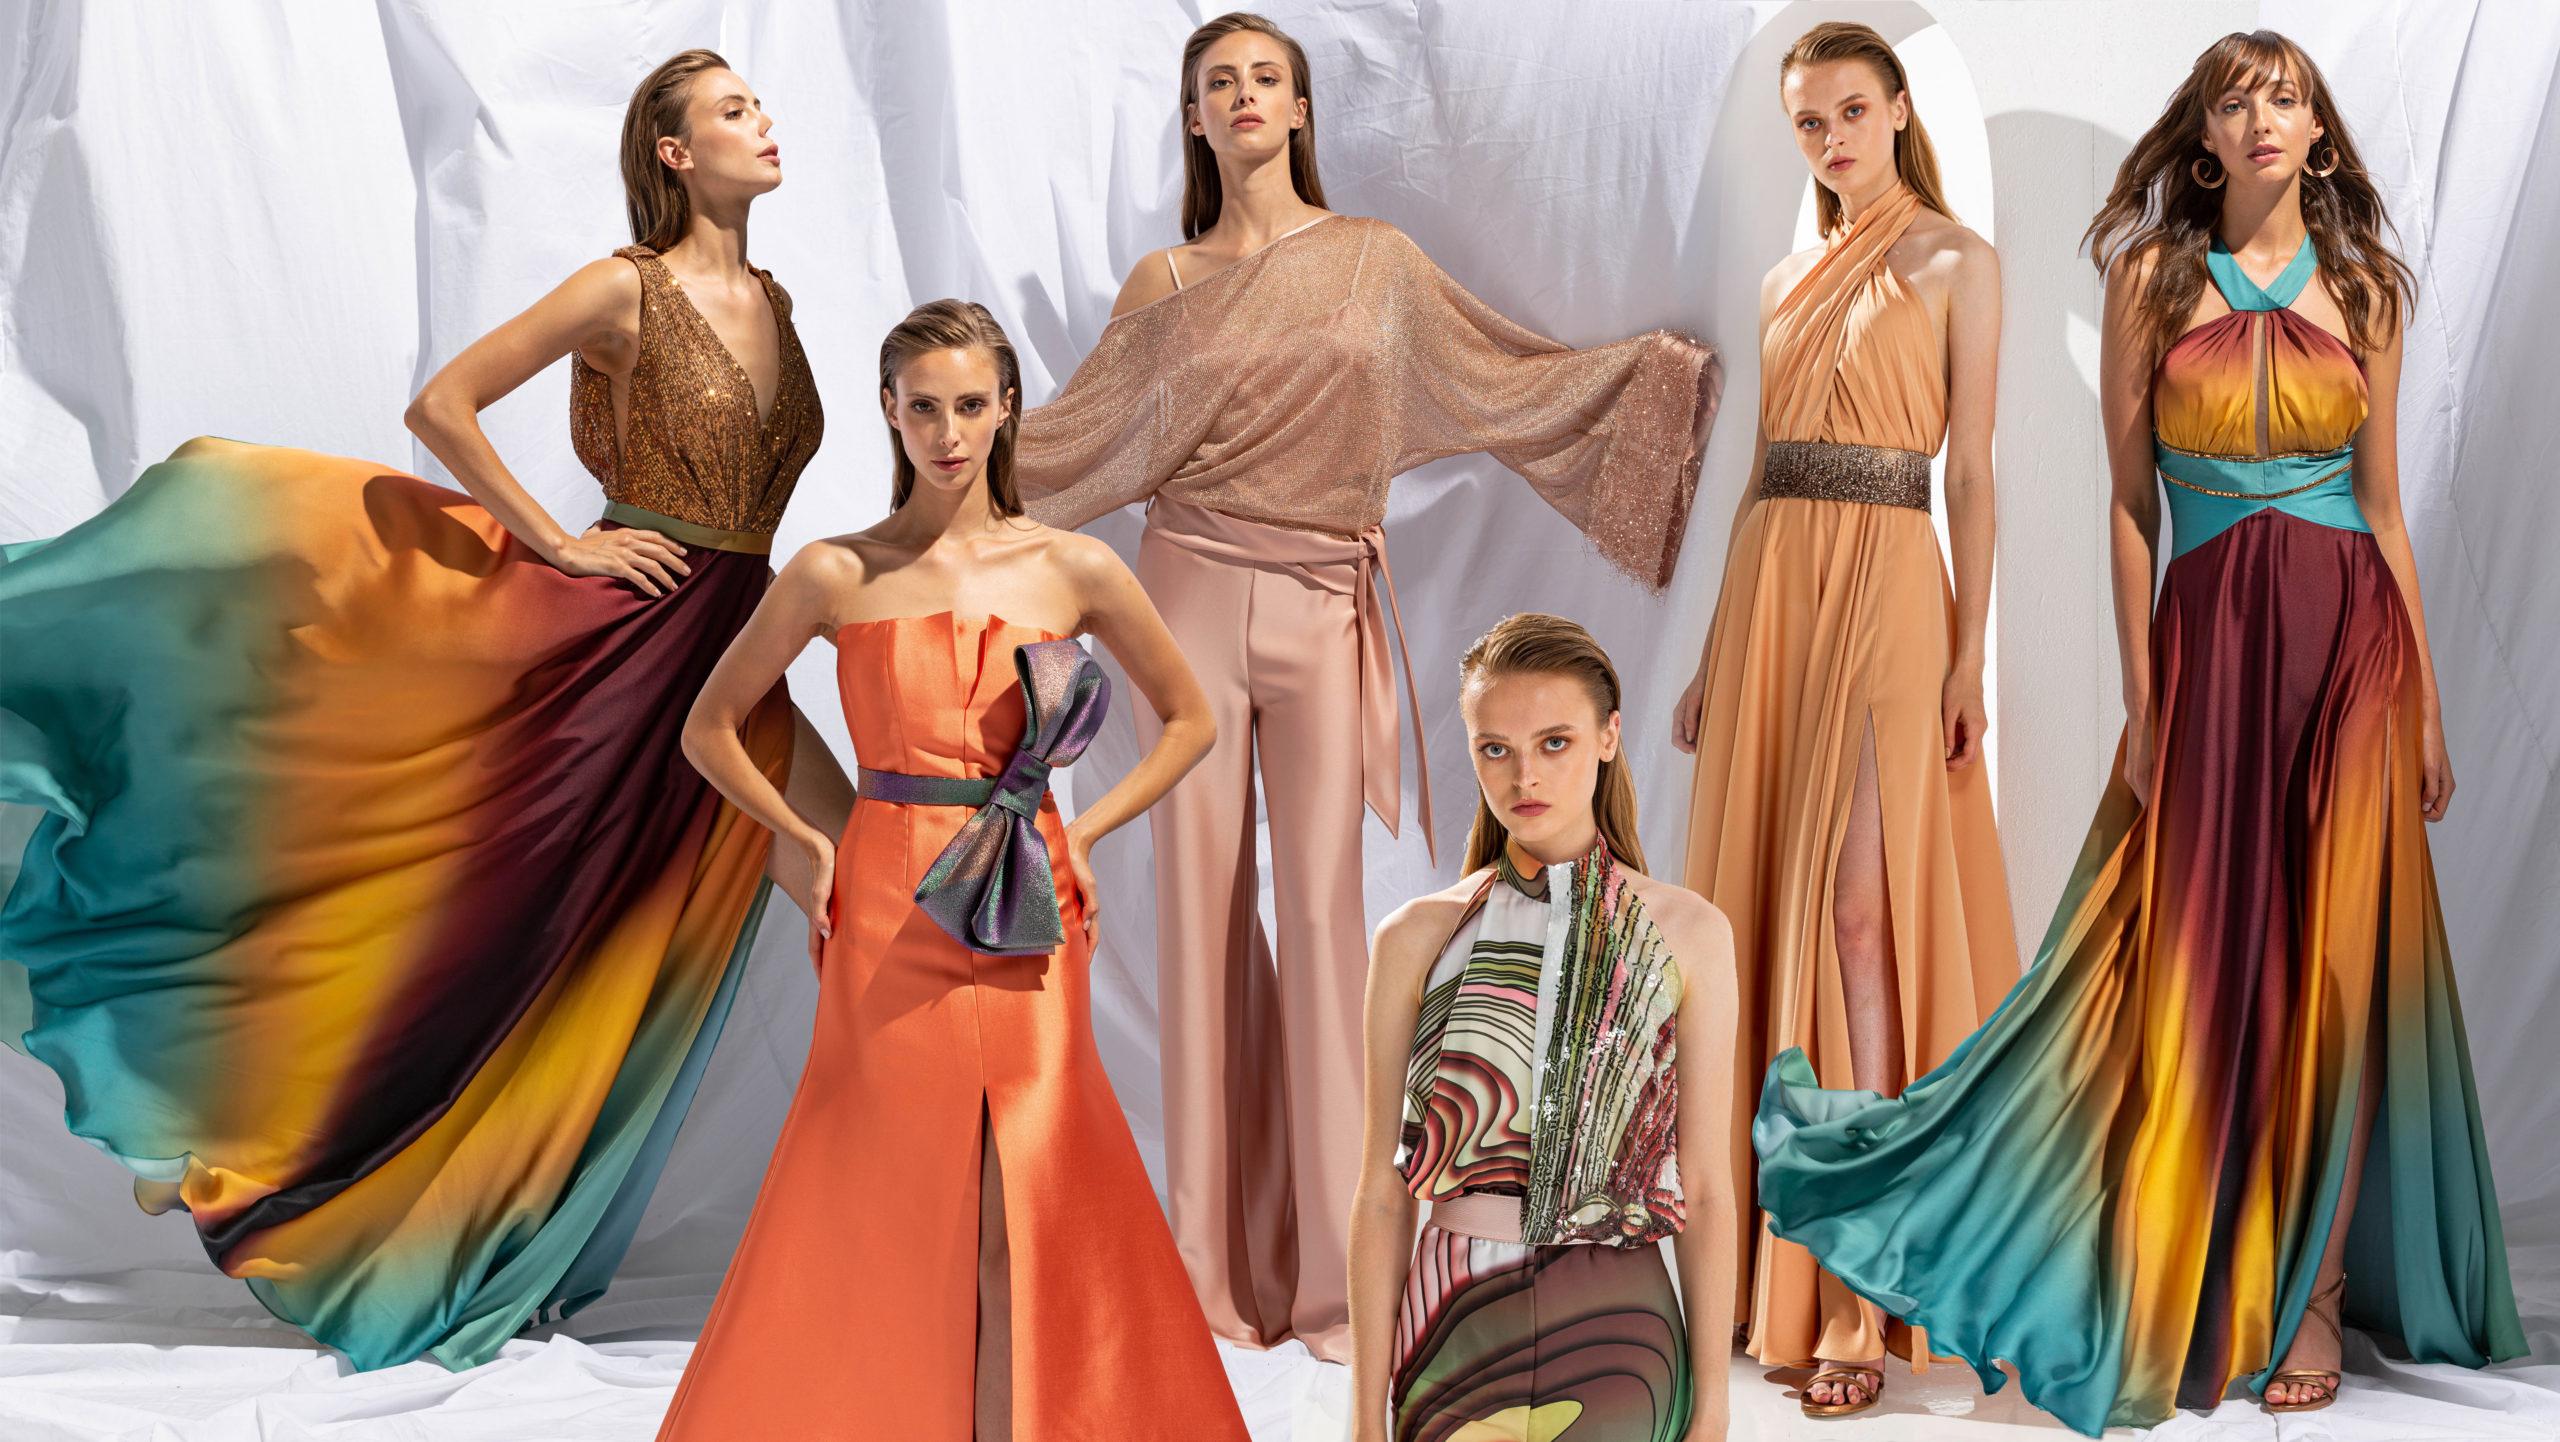 Tendenze moda 2020: colori caldi e colori freddi Buzzitta Stile